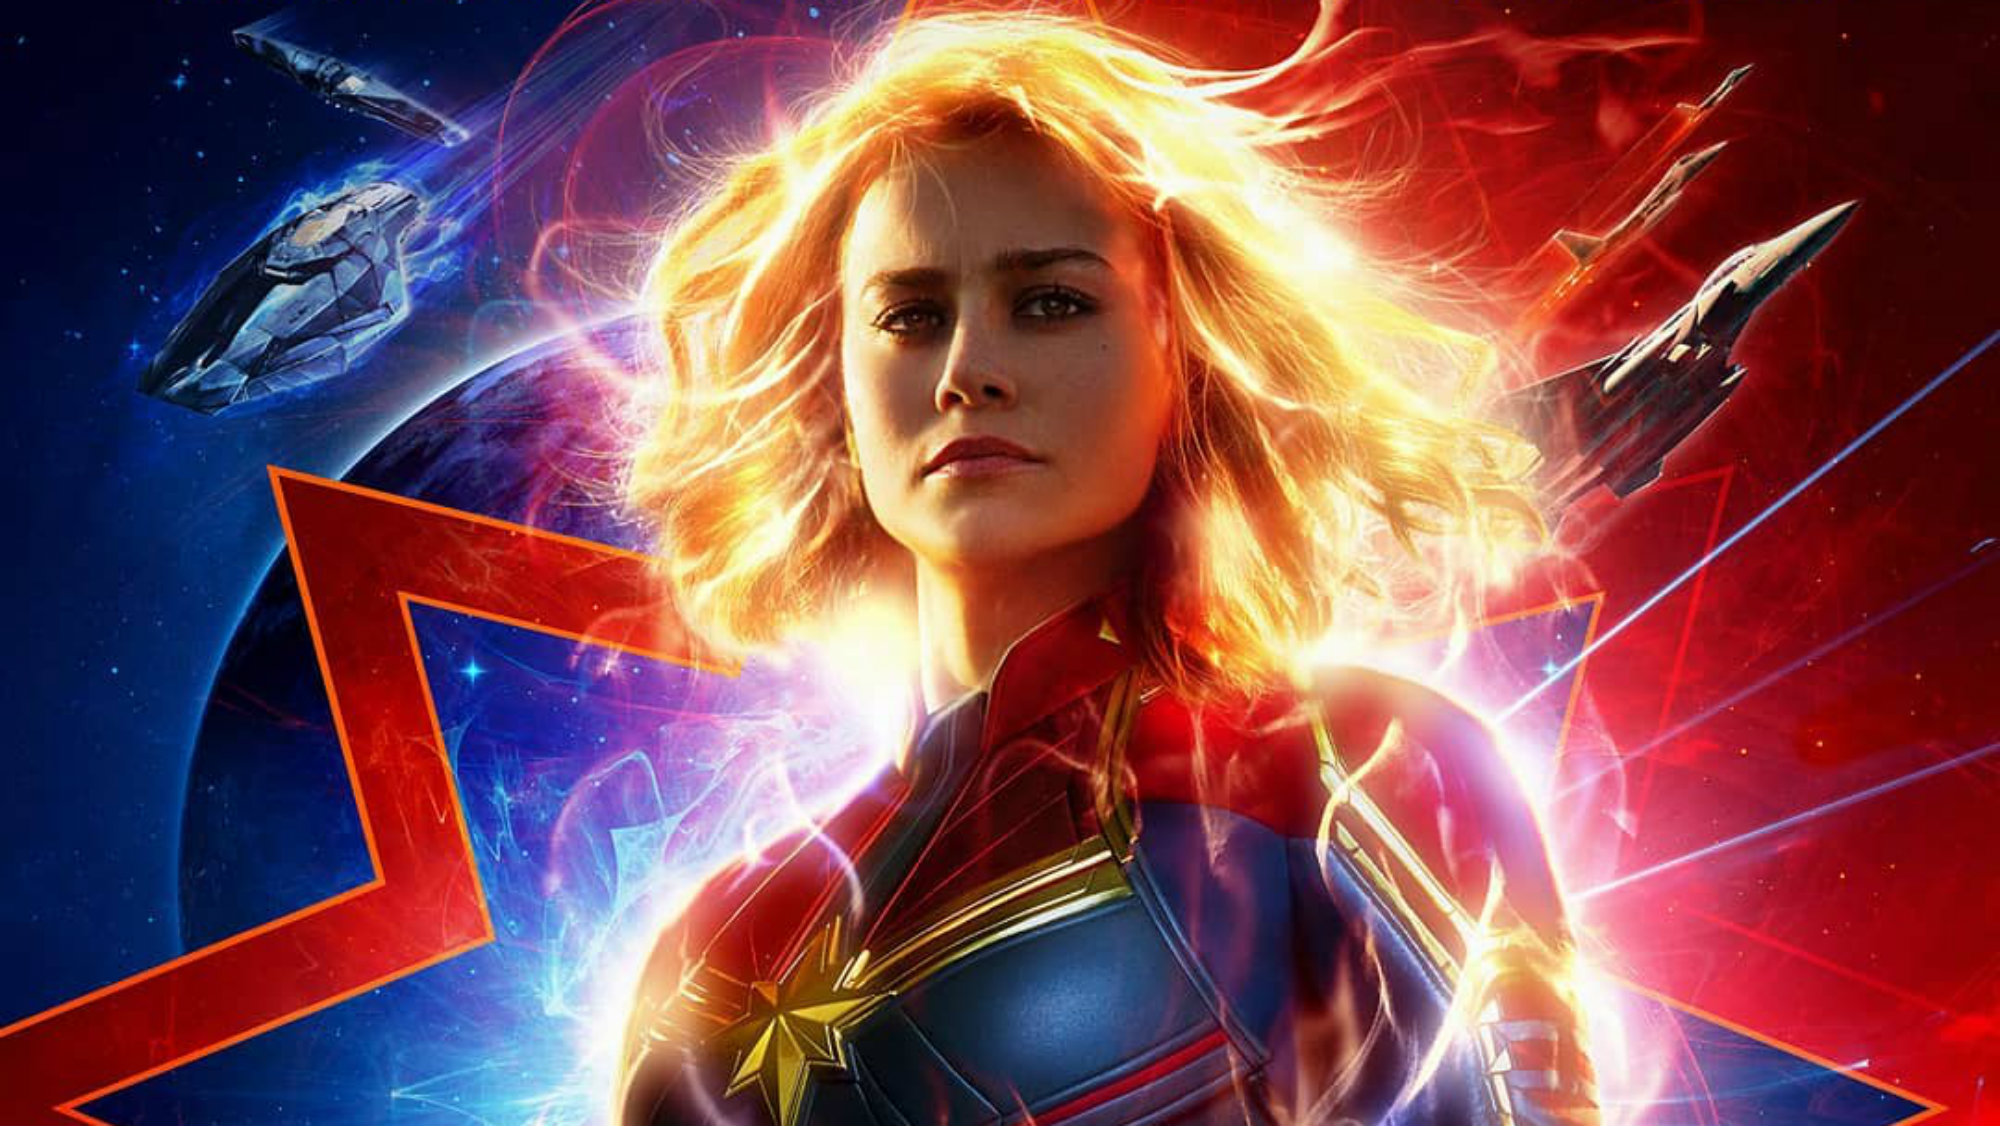 Capitana Marvel Feminismo Cine Día de la mujer